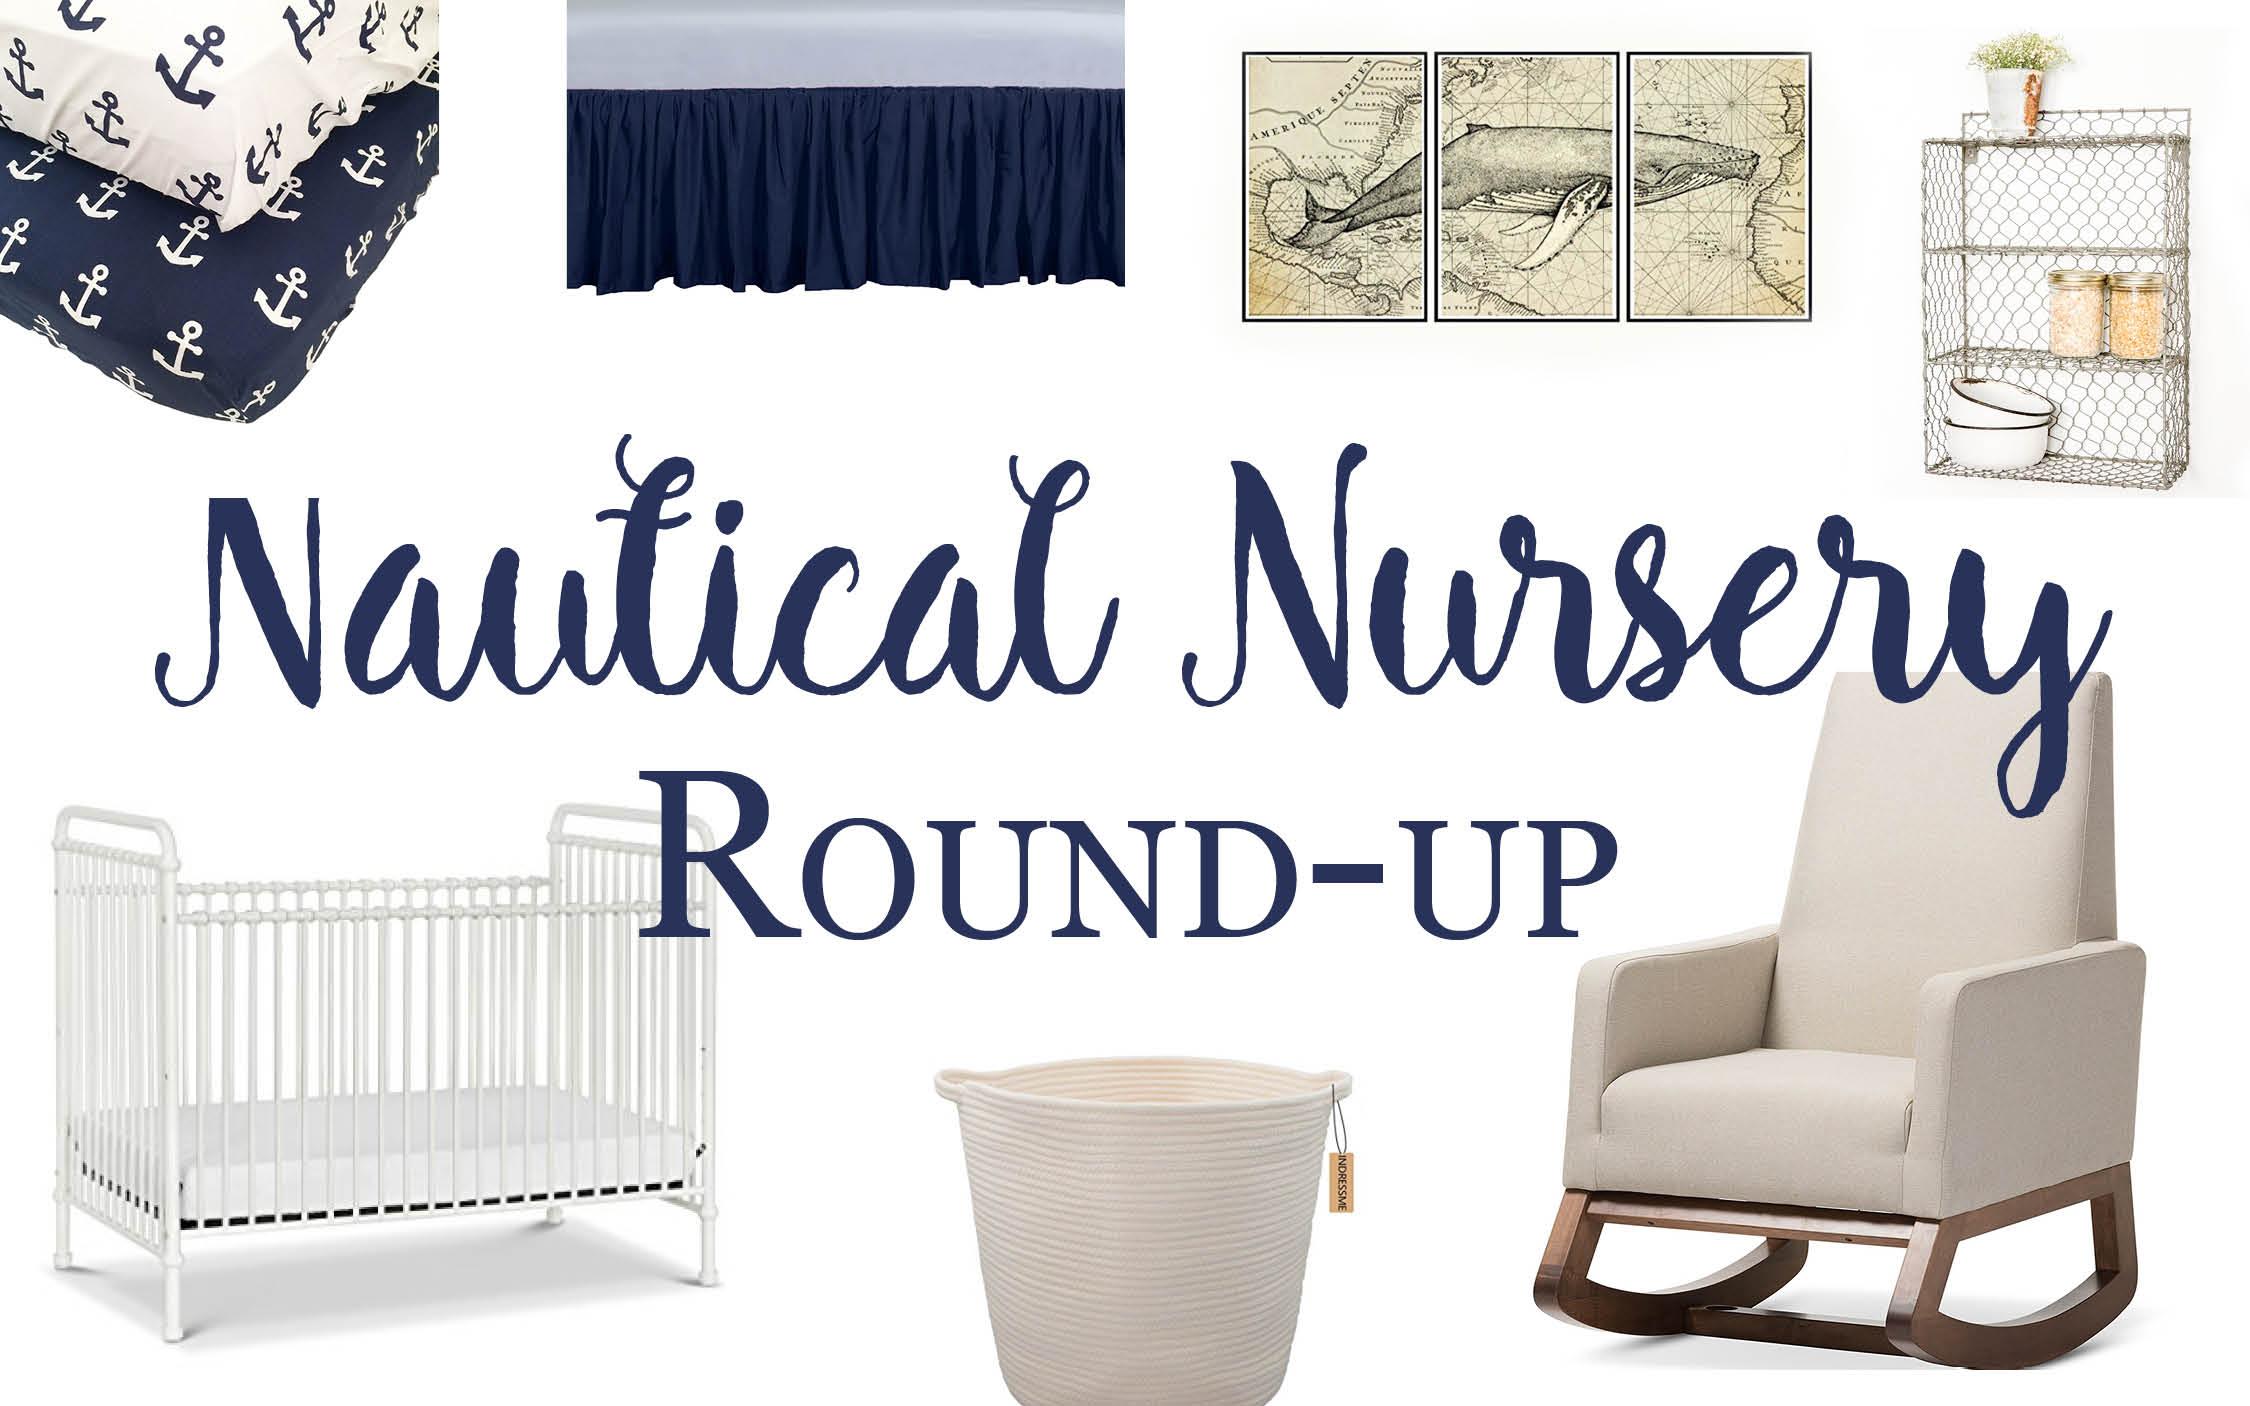 Nautical Nursery Round-Up